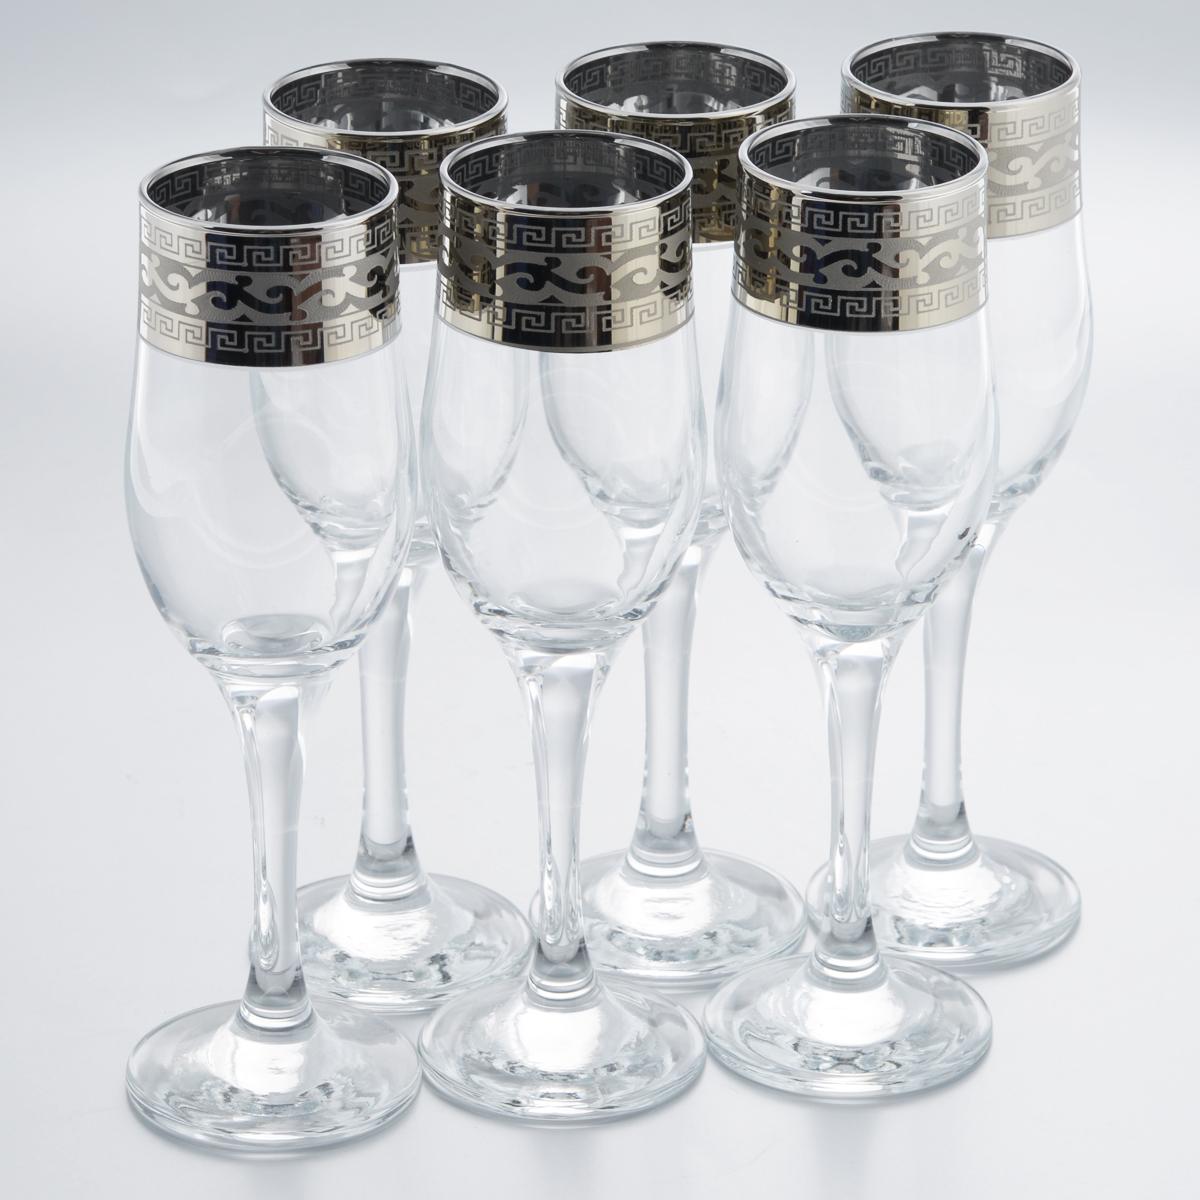 Набор бокалов Гусь-Хрустальный Версаче, 200 мл, 6 штGE08-160Набор Гусь-Хрустальный Версаче состоит из 6 бокалов на длинных тонких ножках, изготовленных из высококачественного натрий-кальций-силикатного стекла. Изделия оформлены красивым зеркальным покрытием и белым матовым орнаментом. Бокалы предназначены для шампанского или вина. Такой набор прекрасно дополнит праздничный стол и станет желанным подарком в любом доме. Разрешается мыть в посудомоечной машине. Диаметр бокала (по верхнему краю): 5 см. Высота бокала: 20 см.